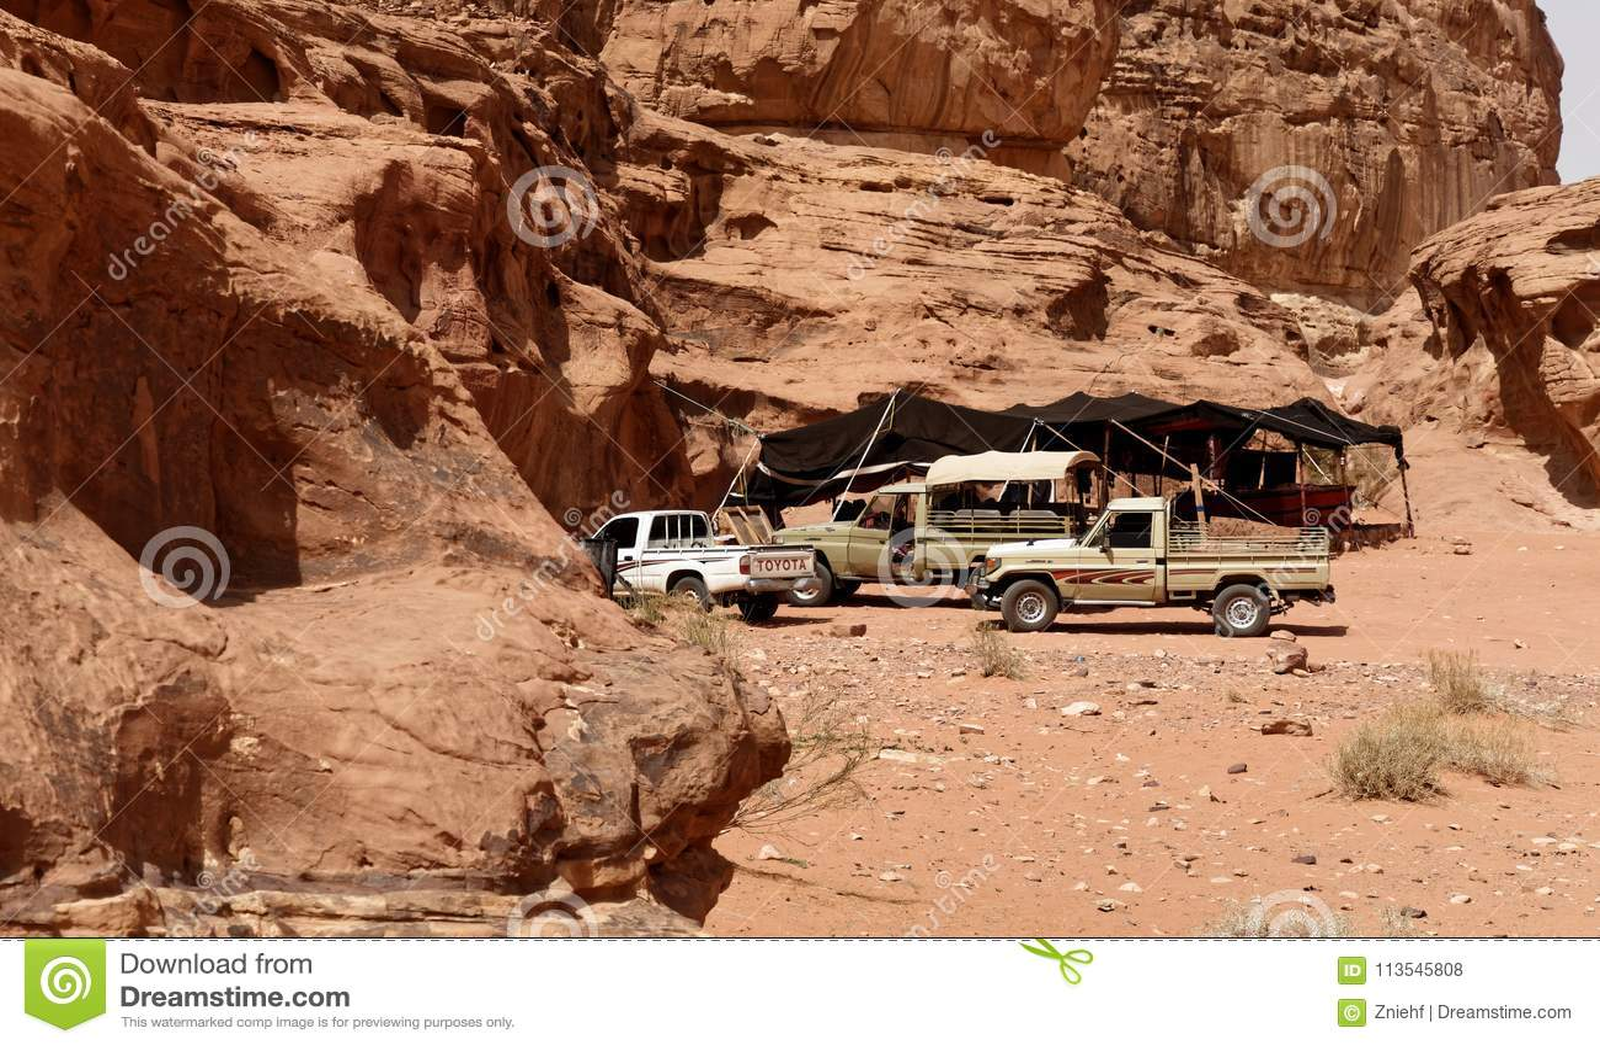 Wadi Rum, Jordanie, le 8 mars 2018 : Campez pour le touriste arrivant dans SUV avec une tisane régénératrice de portion bédouine